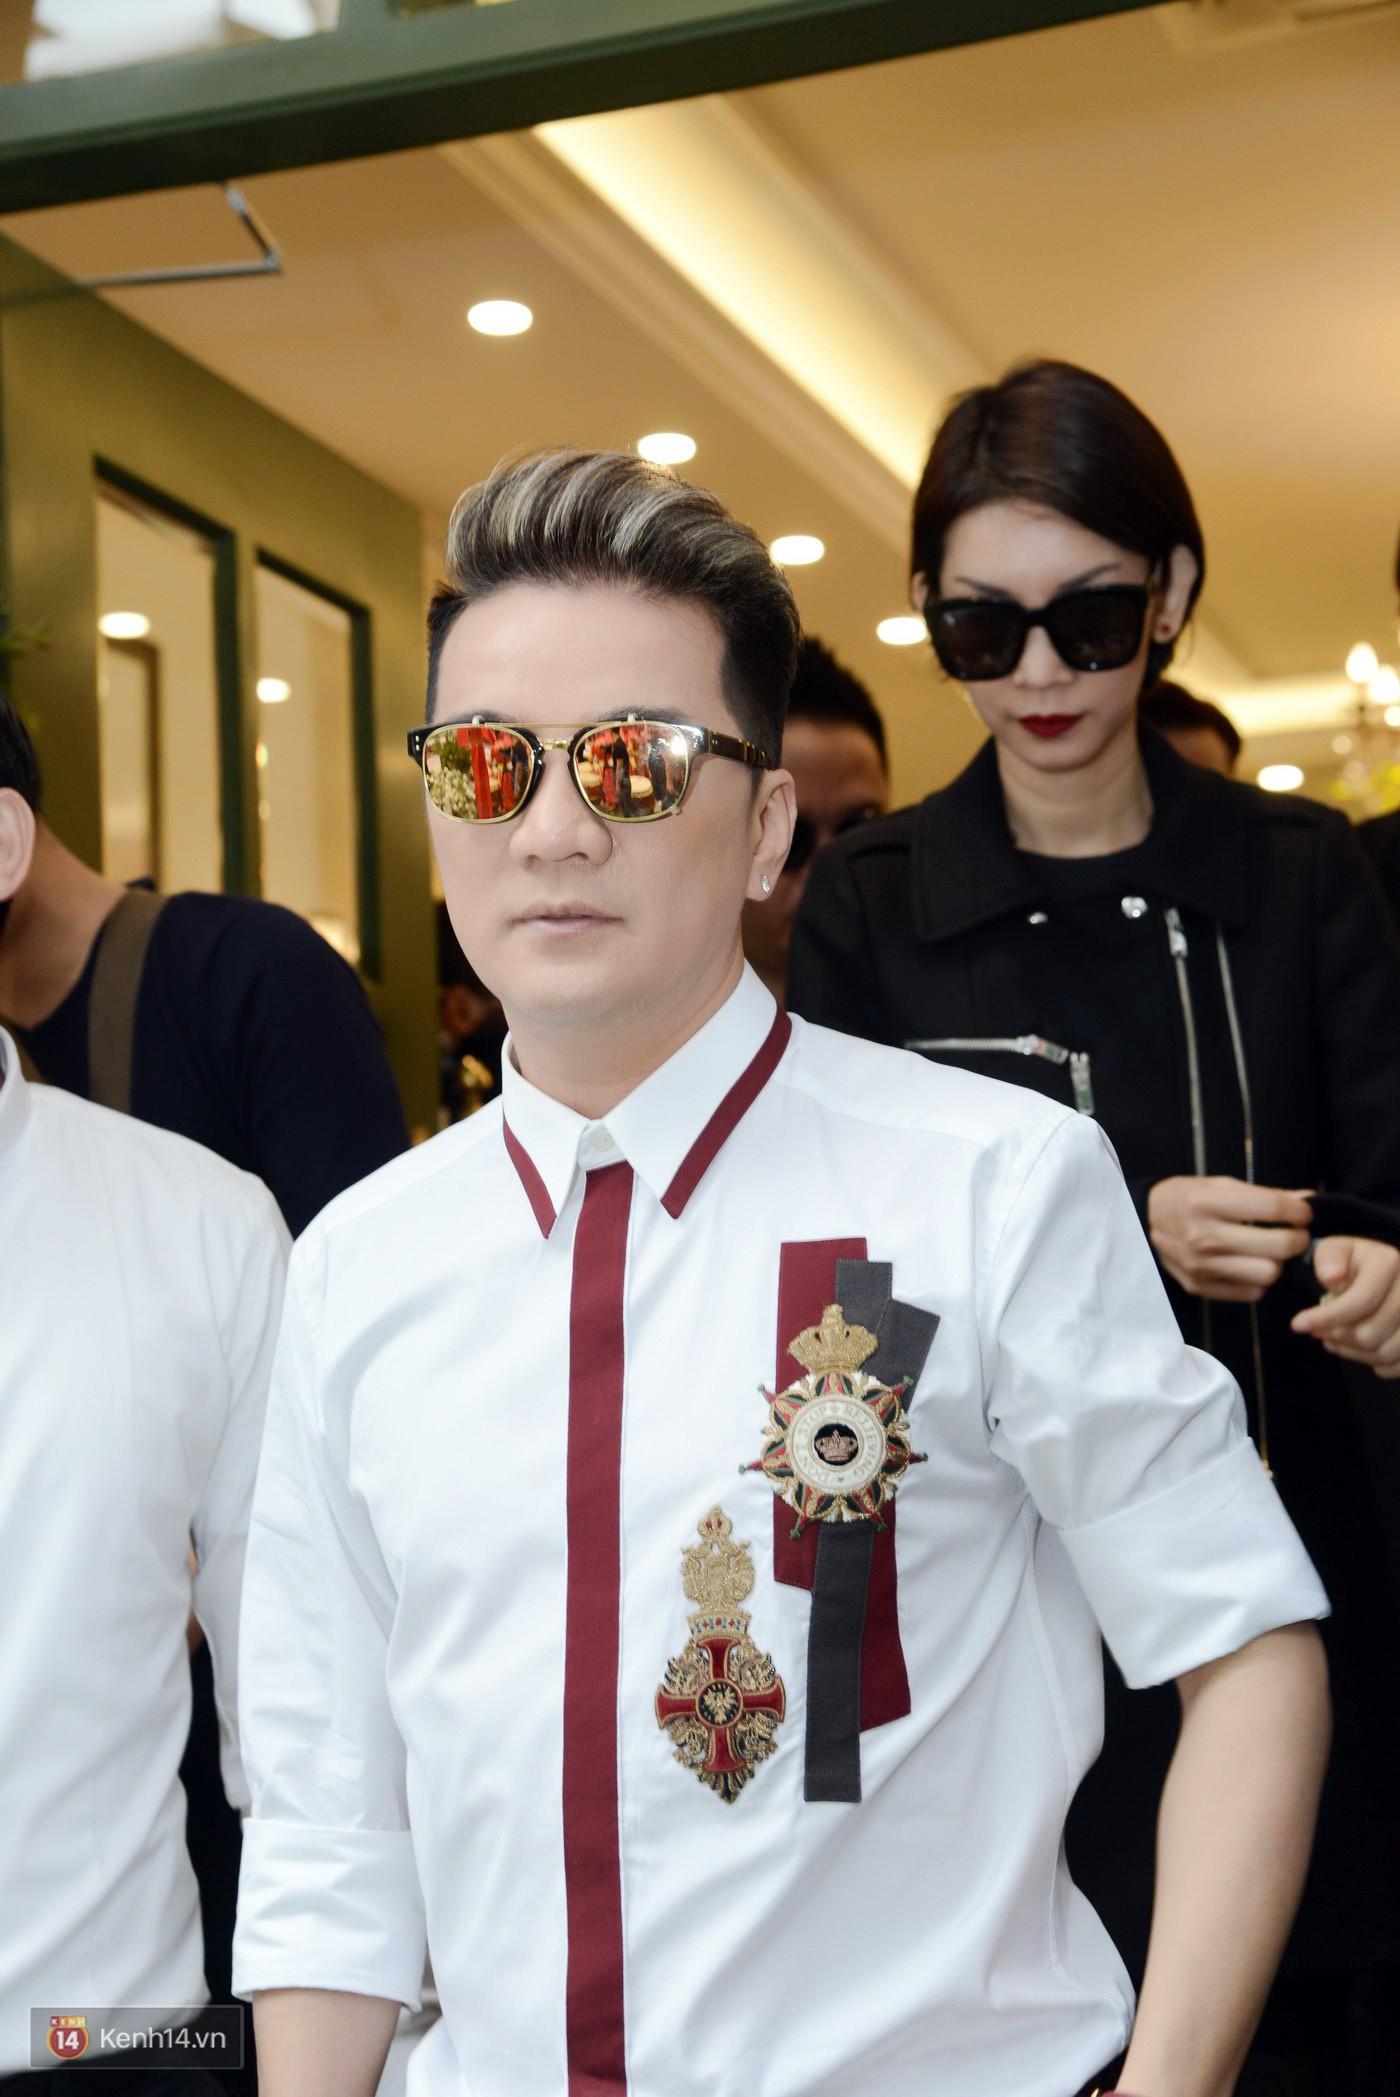 Sơn Tùng và Soobin Hoàng Sơn gây thích thú khi xuất hiện như anh em sinh đôi tại sự kiện - Ảnh 3.